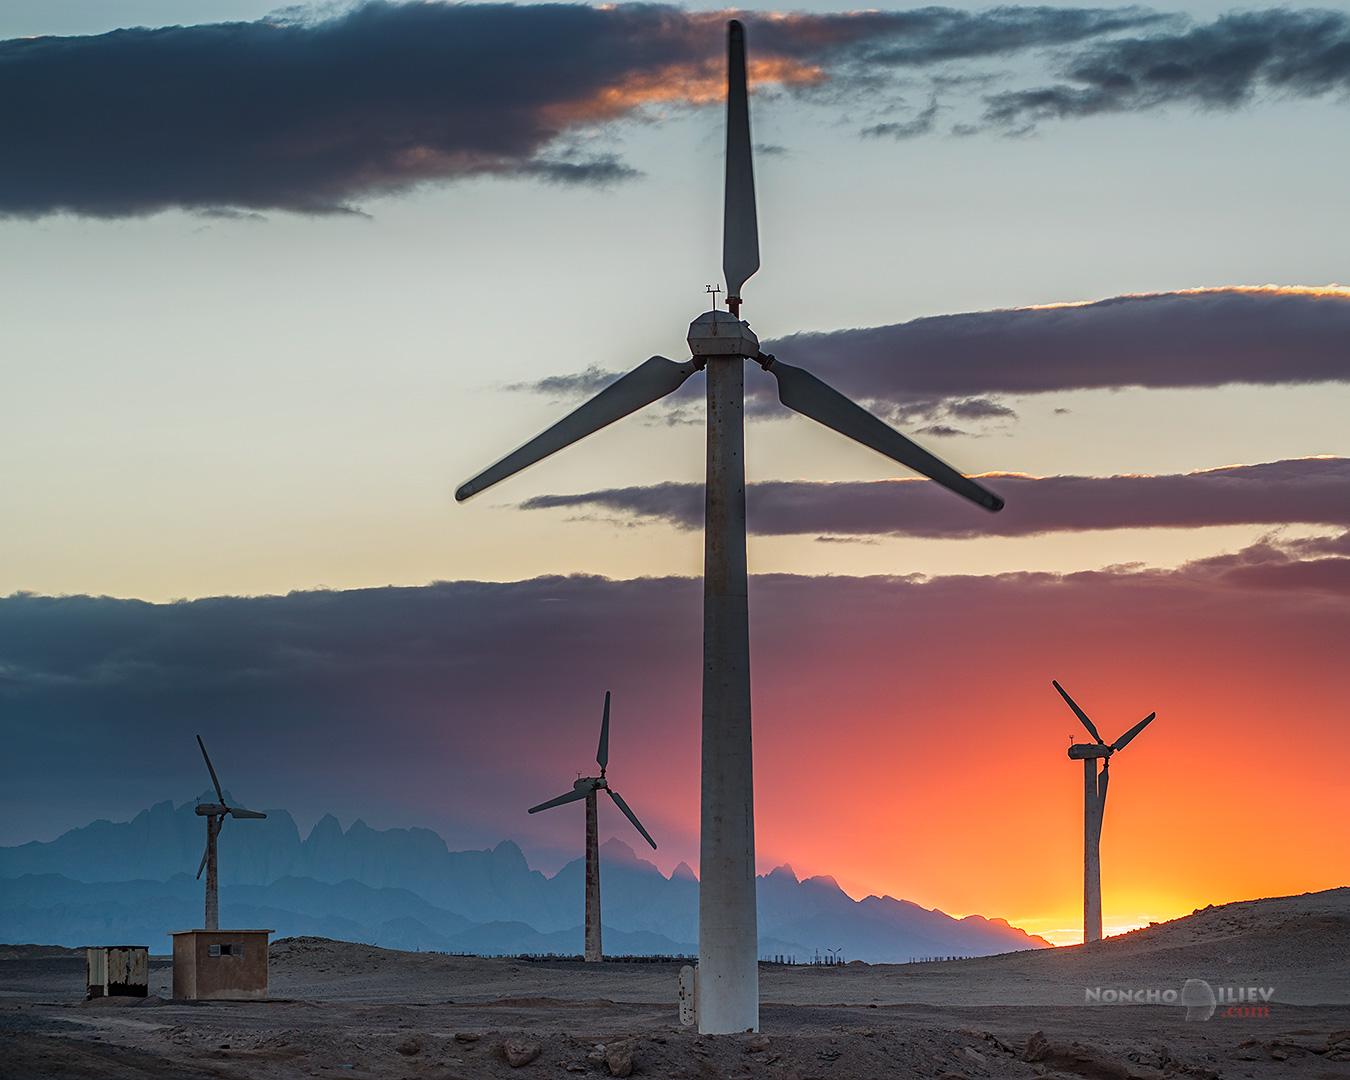 egypt sunset wind turbines залез египет вятър перки